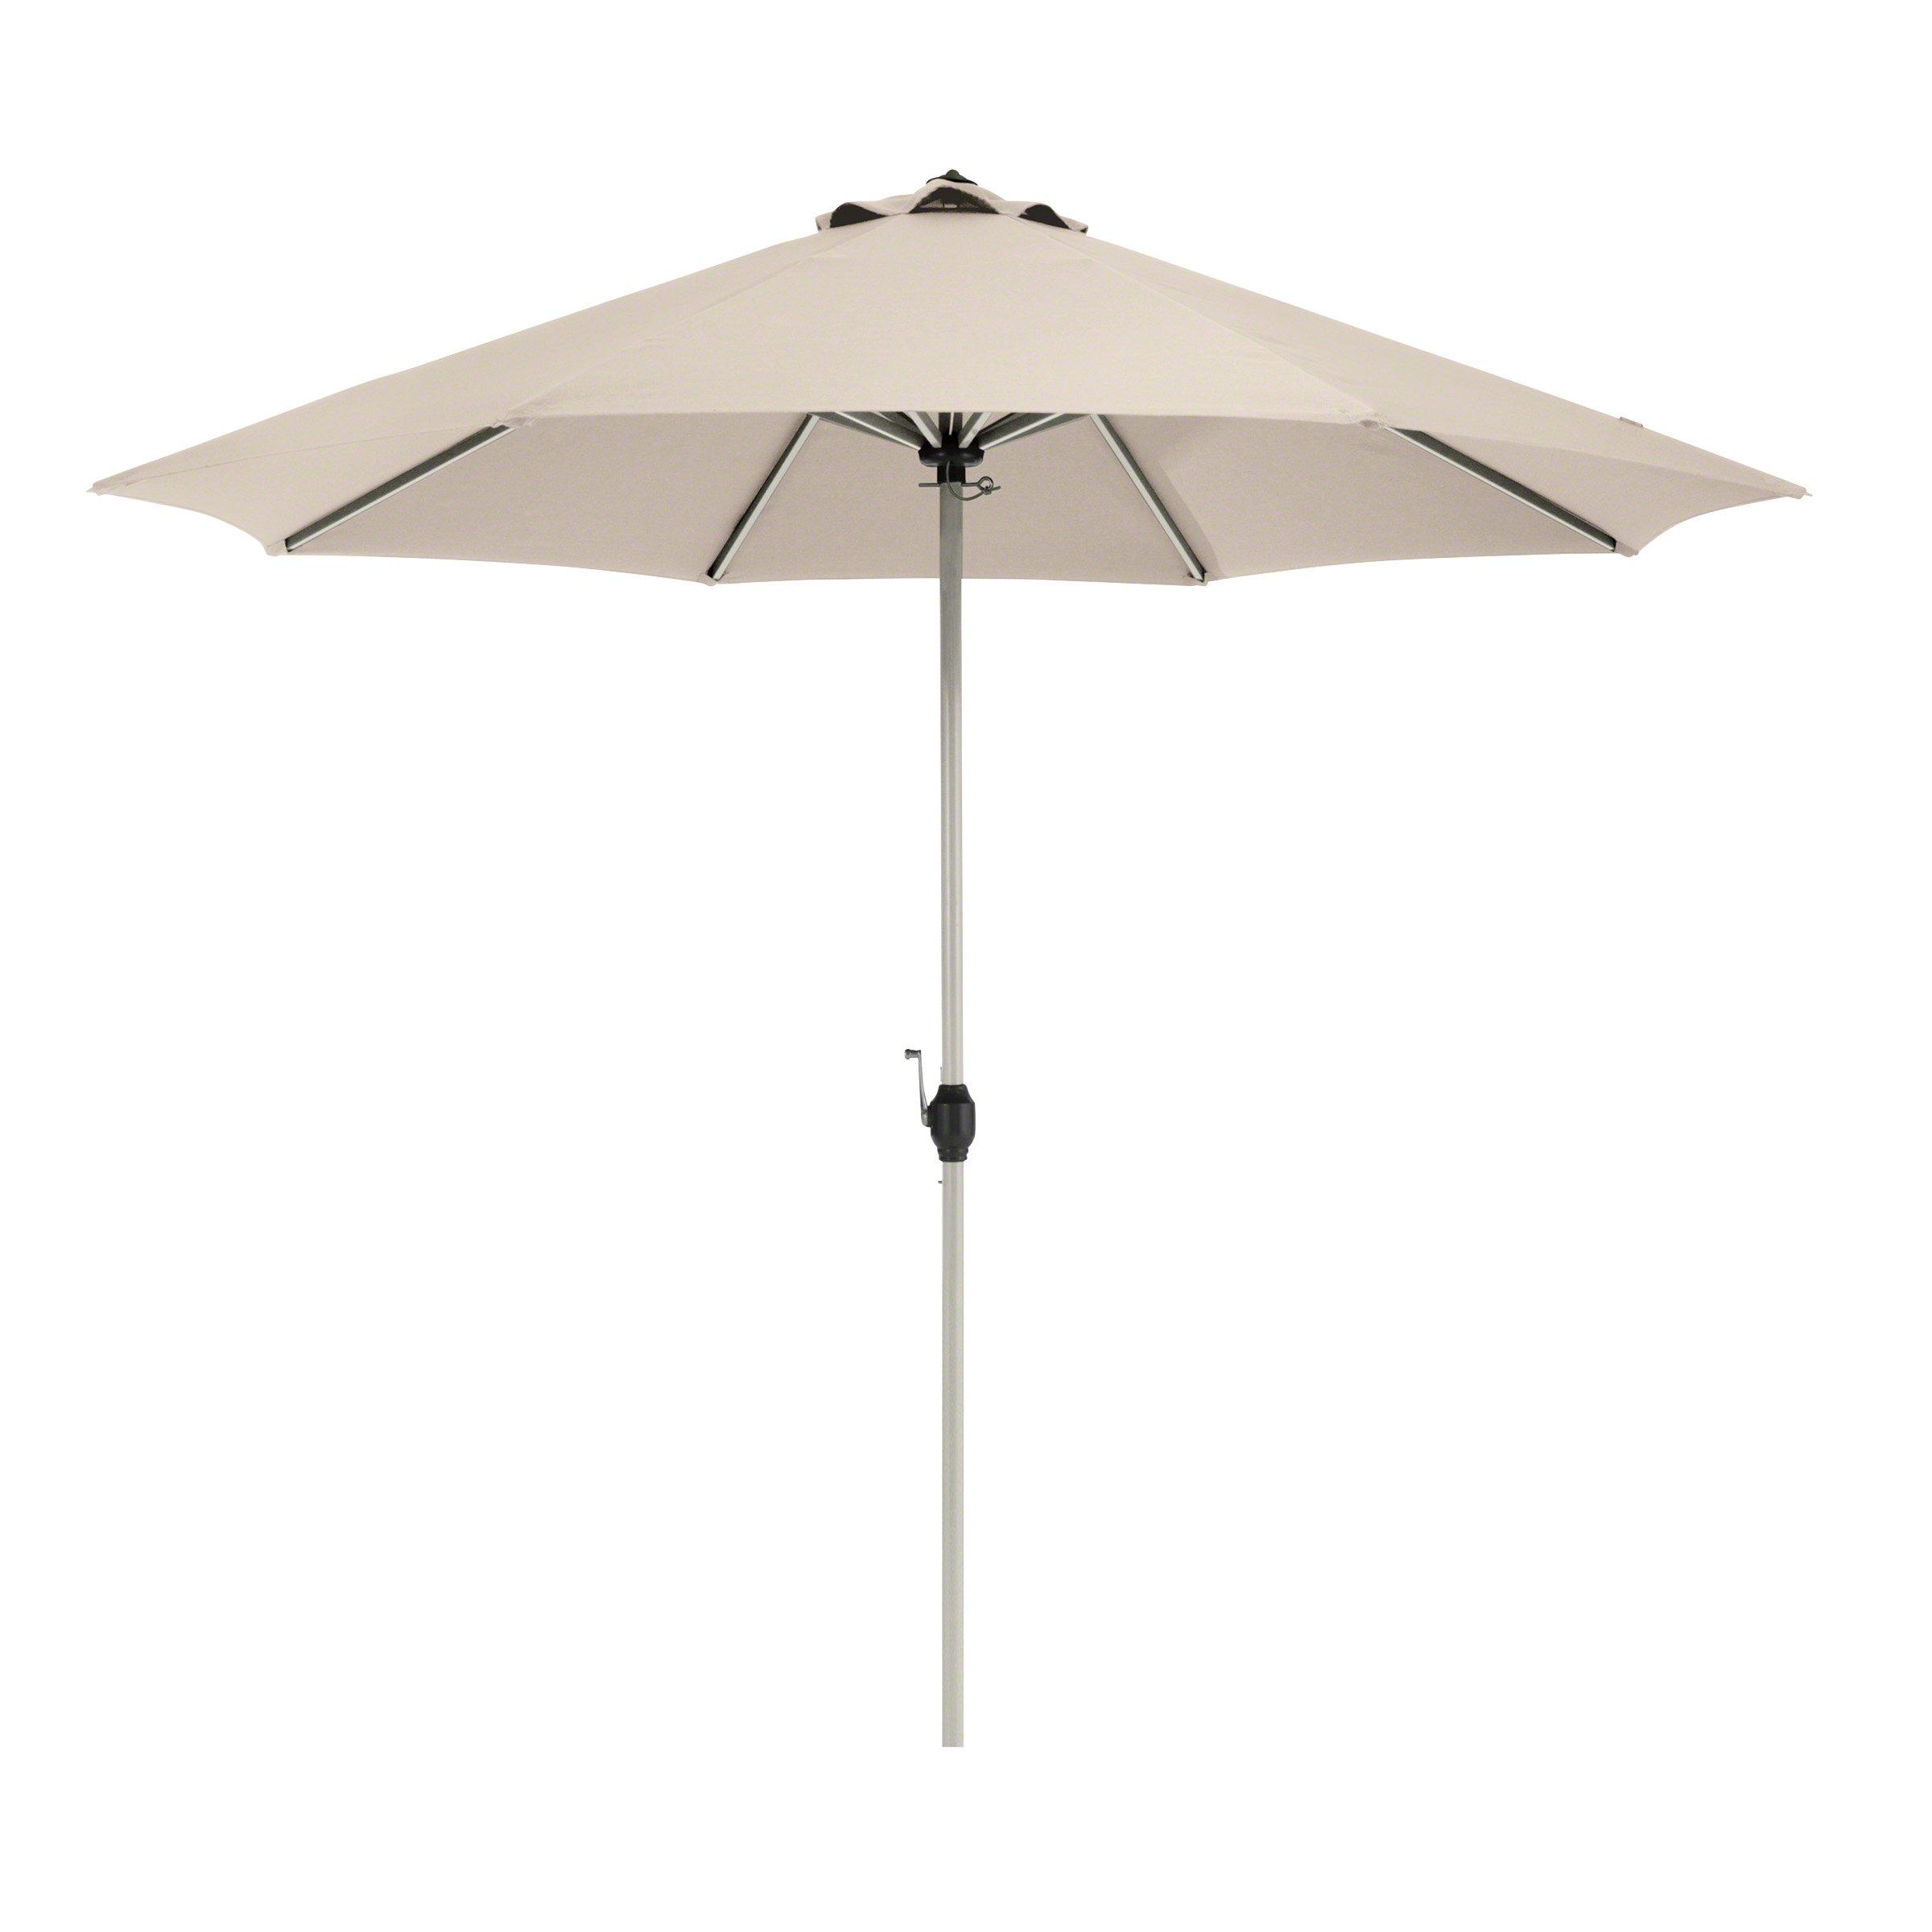 Classic Accessories Montlake FadeSafe 9-Foot Round Aluminum Patio Umbrella, Antique Beige